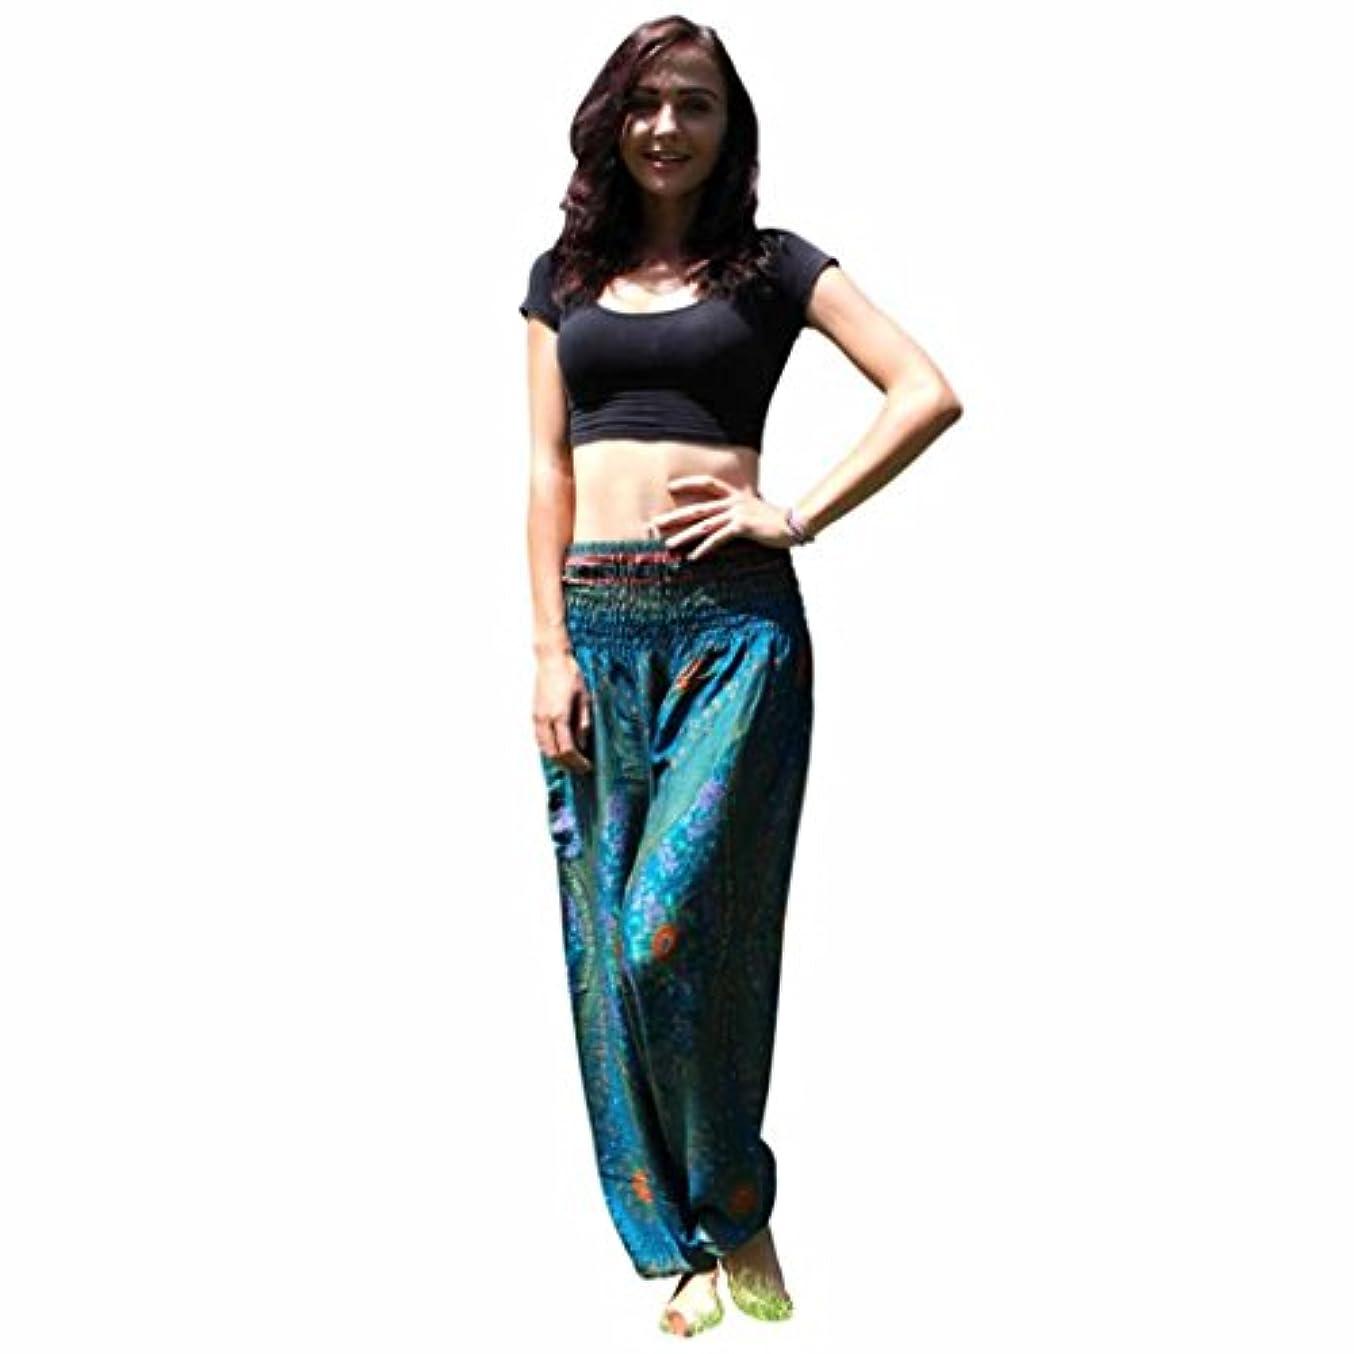 もう一度処理する付属品Mhomzawa パンツ男性女性タイのハレムのズボンフェスティバルヒッピーのスモックハイウエストのパンツのタイハーレムヨガ?パンツ